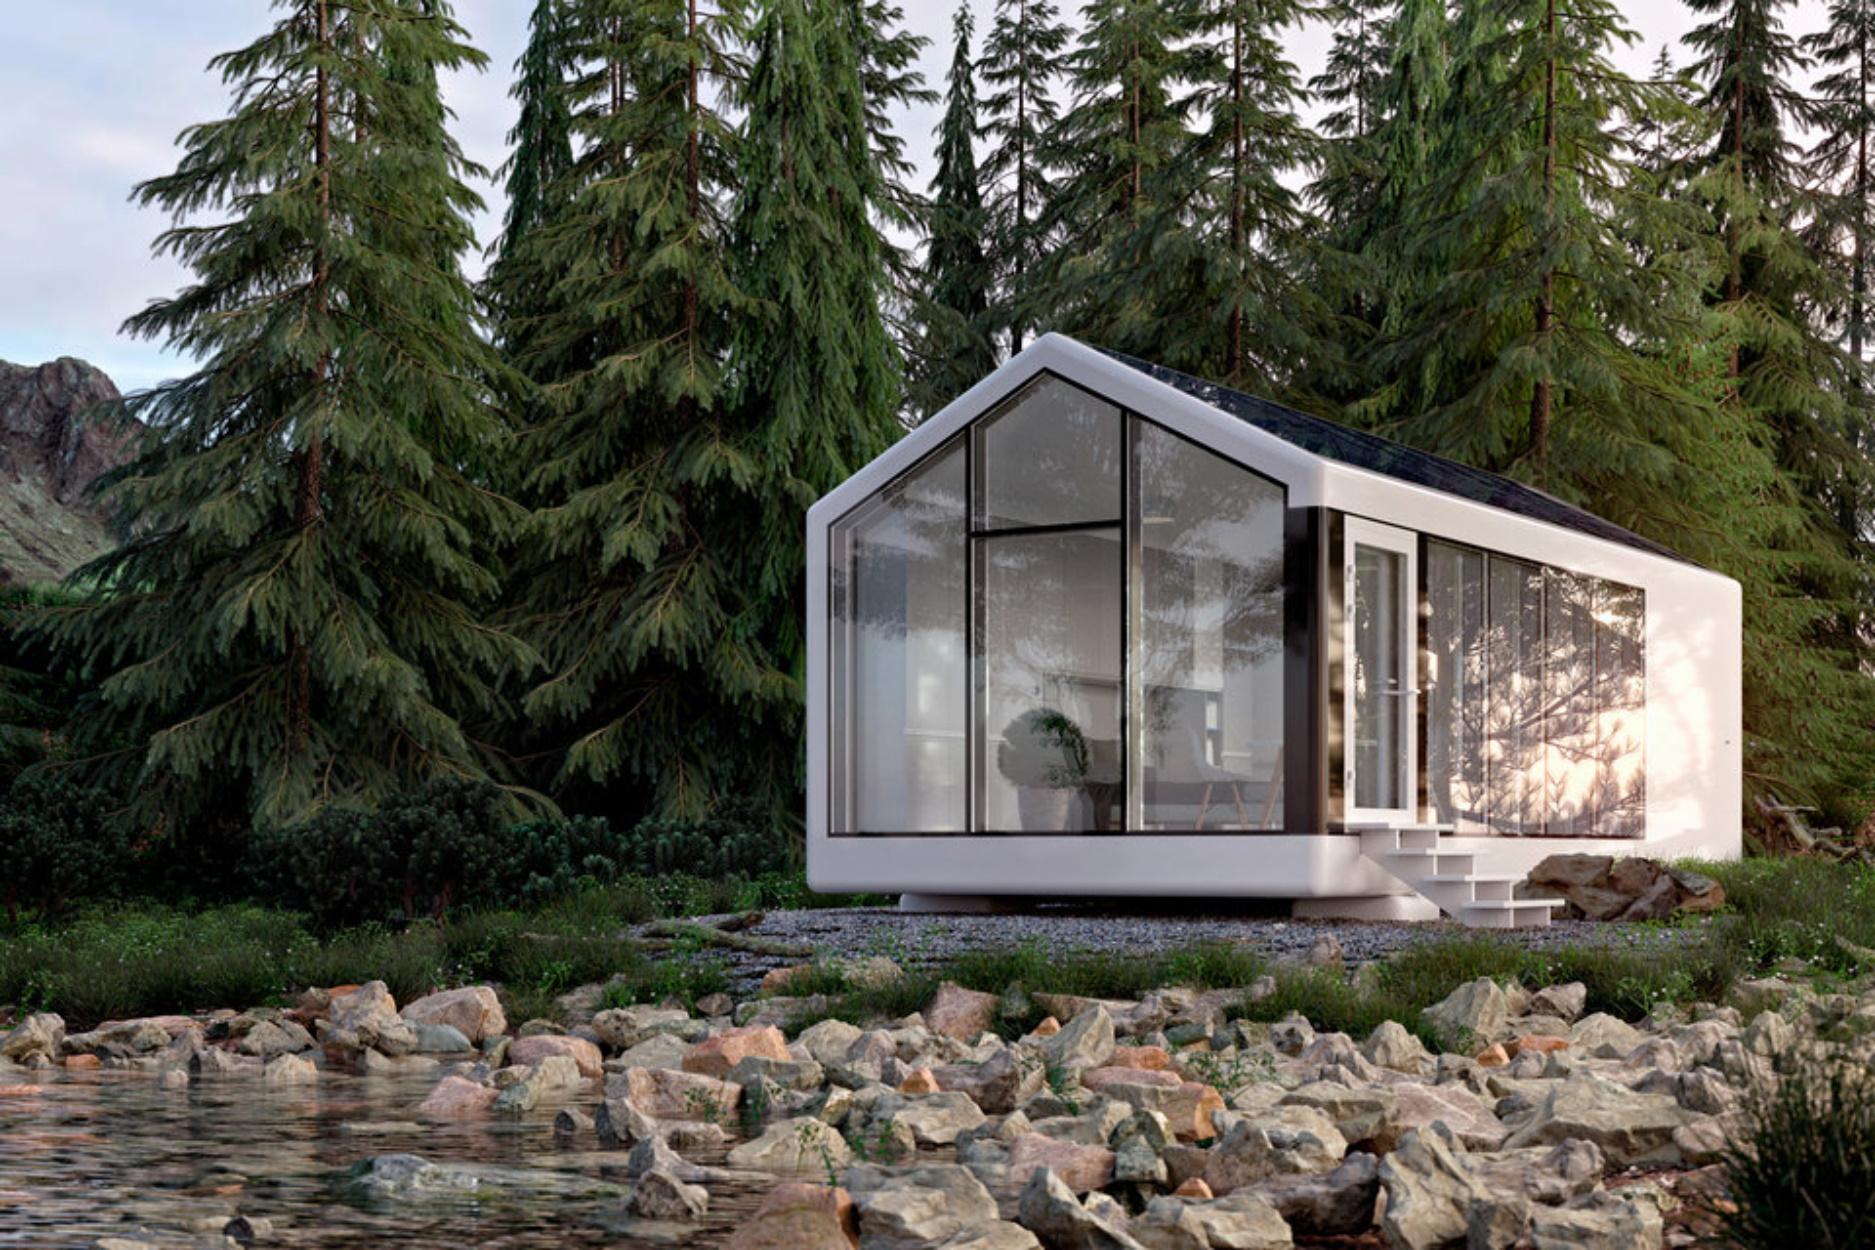 Αν η Apple και η Tesla δημιουργούσαν μαζί ένα σπίτι, θα ήταν αυτό!